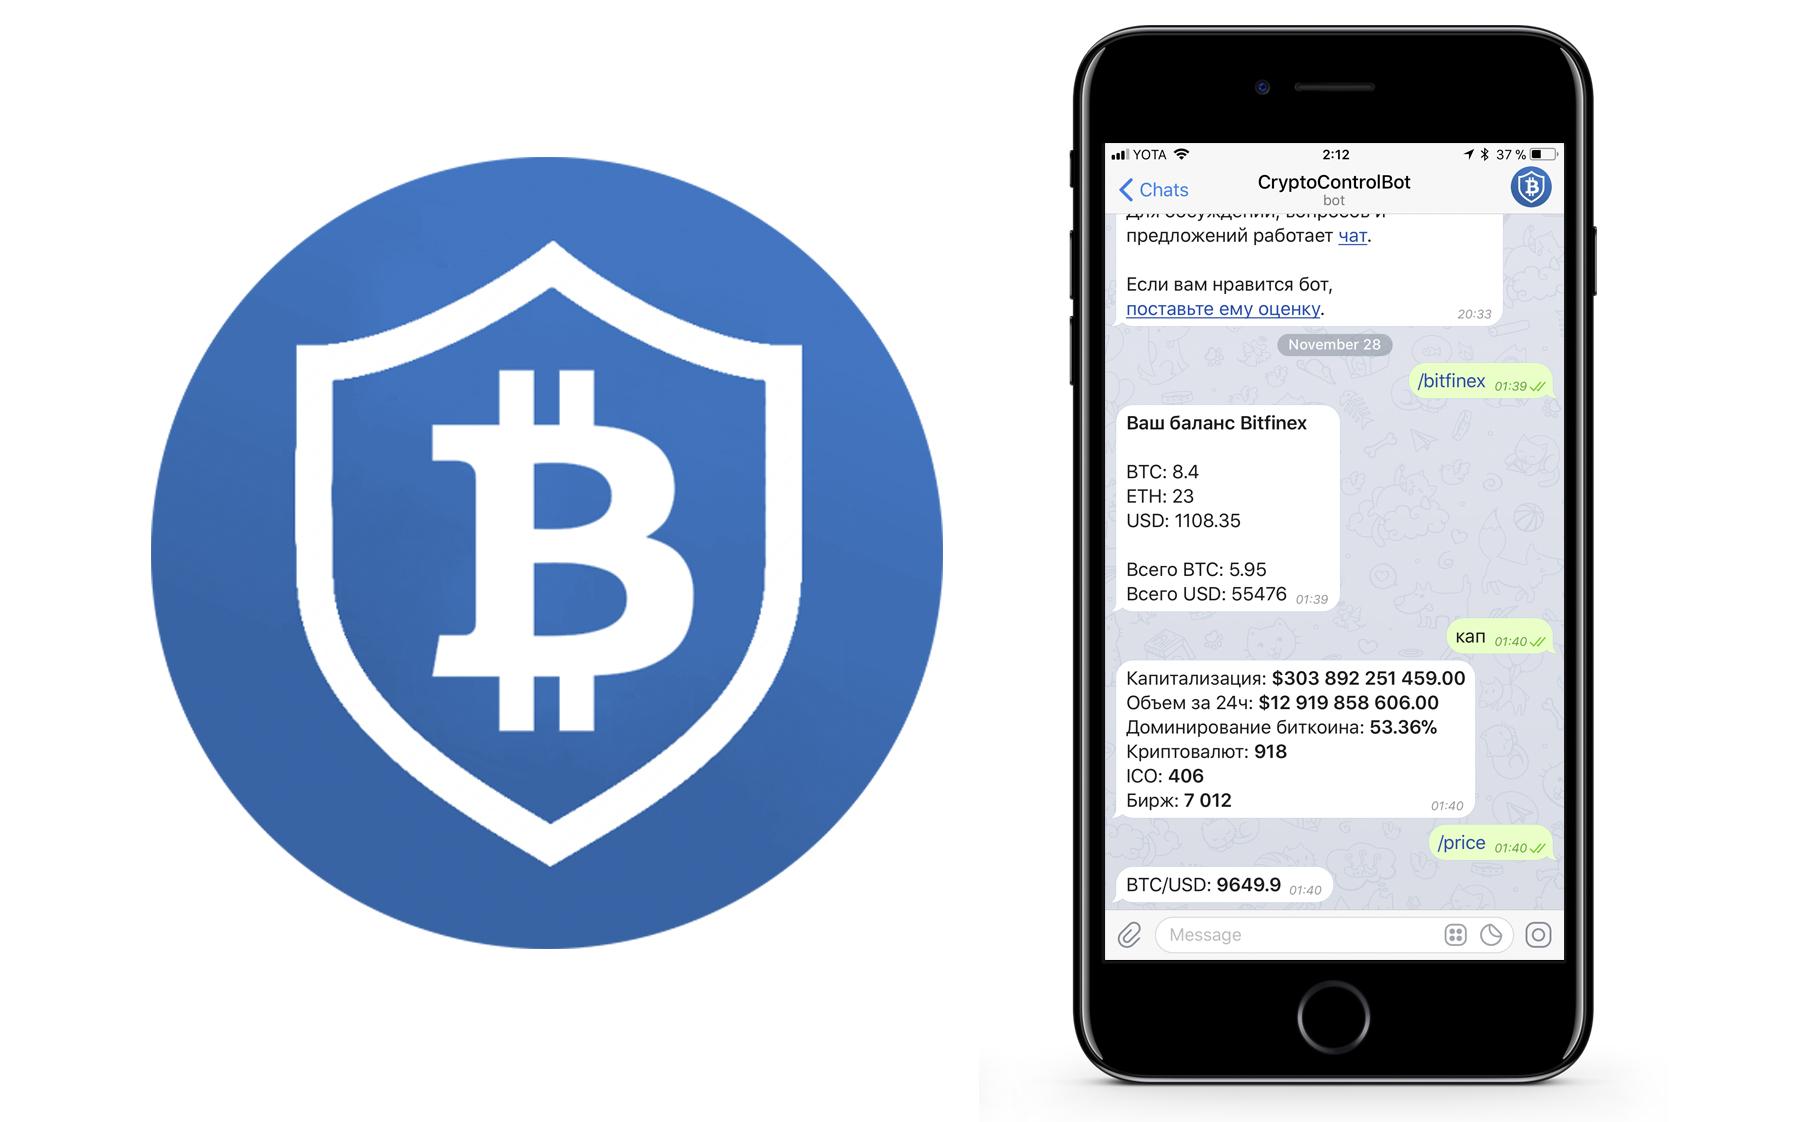 Криптовалютный Telegram-бот